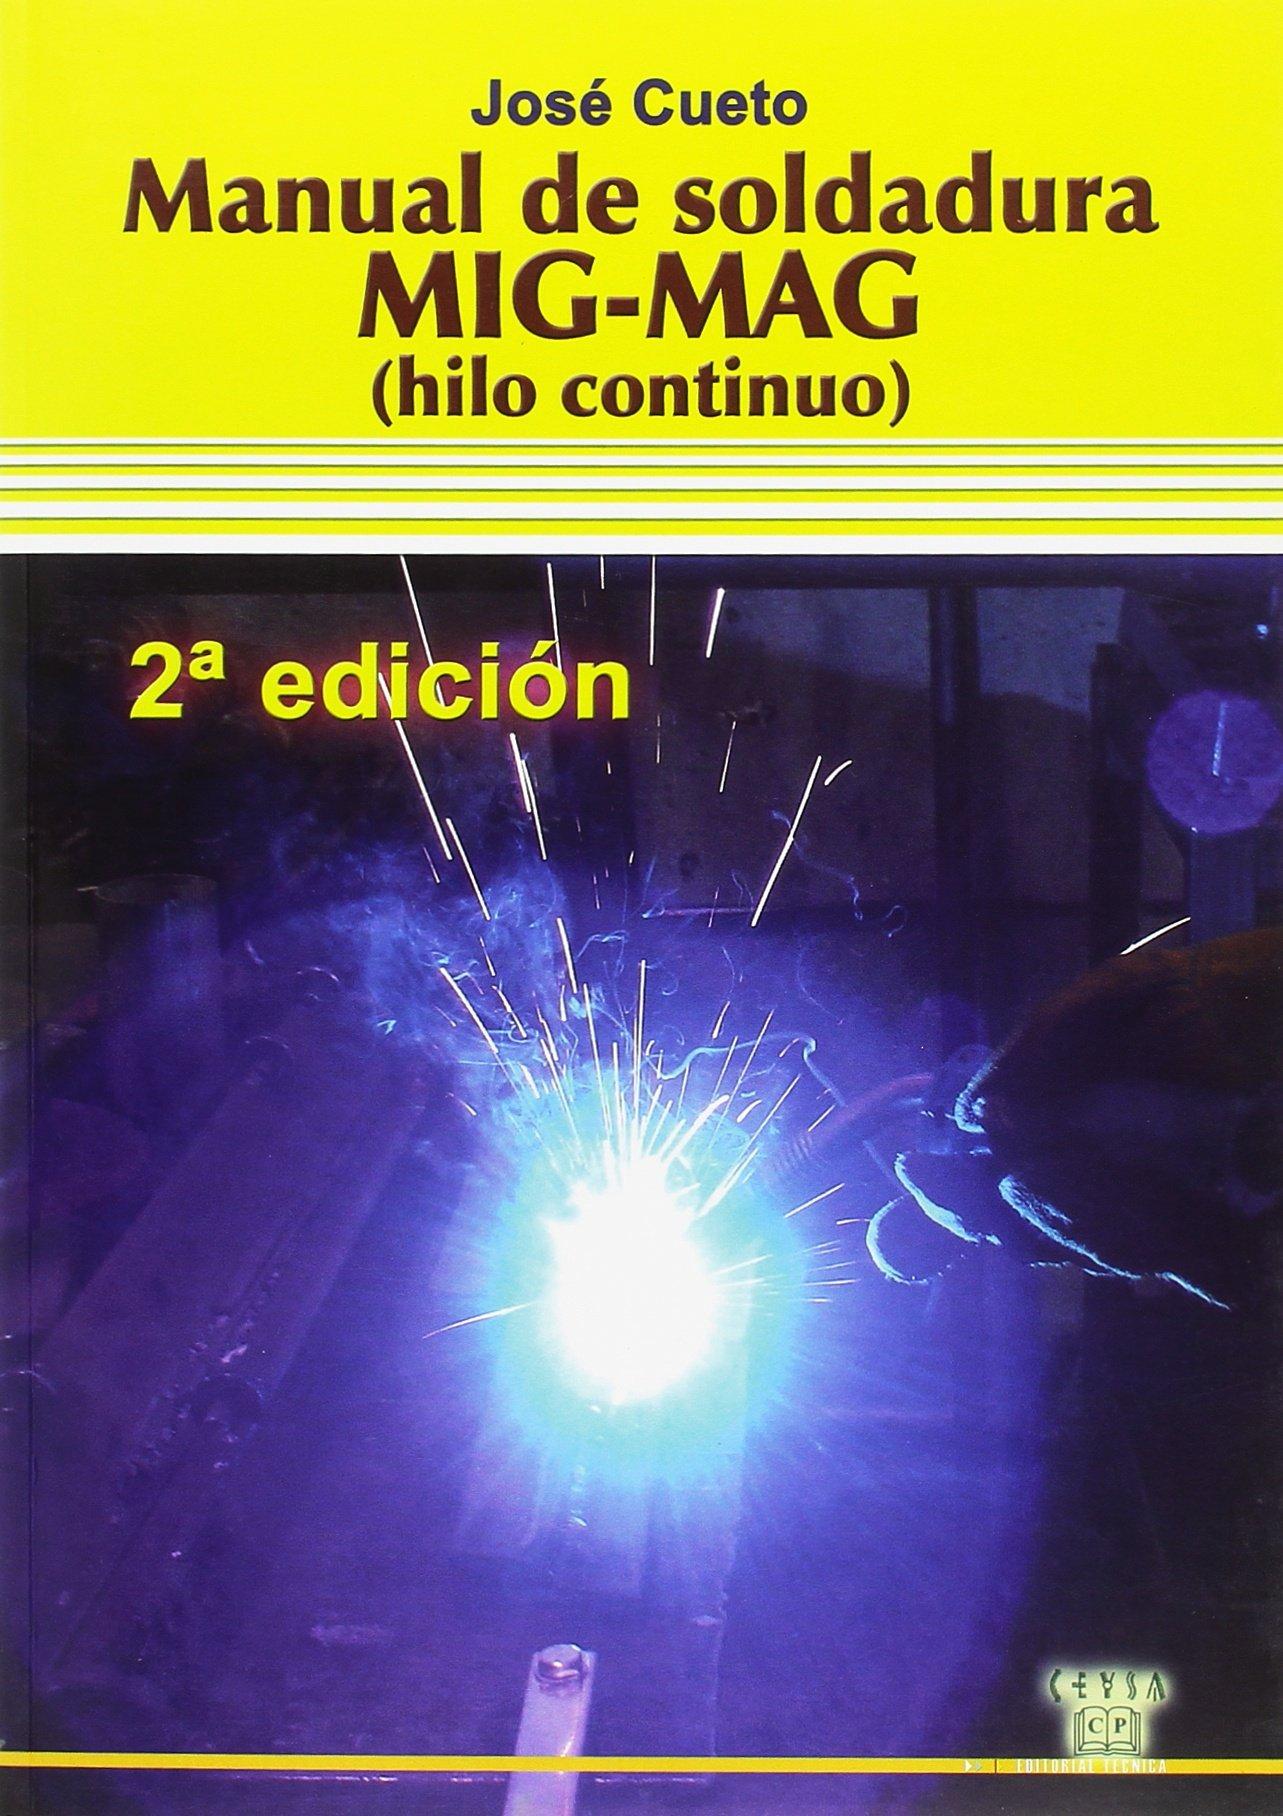 Manual de soldadura mig-mag (hilo continuo): Amazon.es: Jose Cueto ...